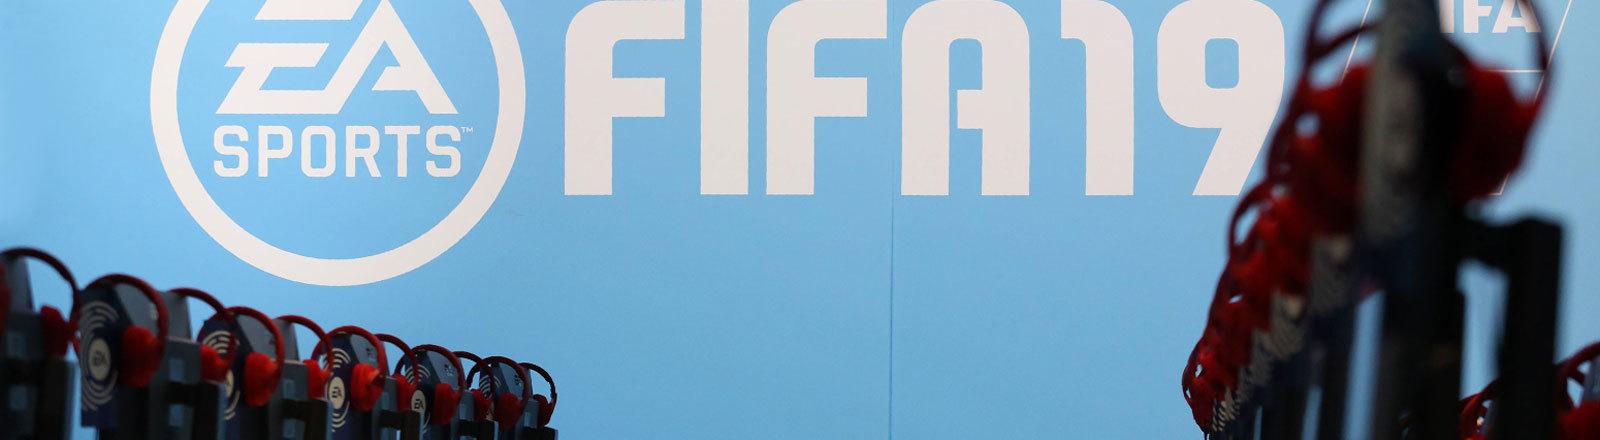 Stand des Games FIFA 19 von EA Games bei der Gamescom 2018